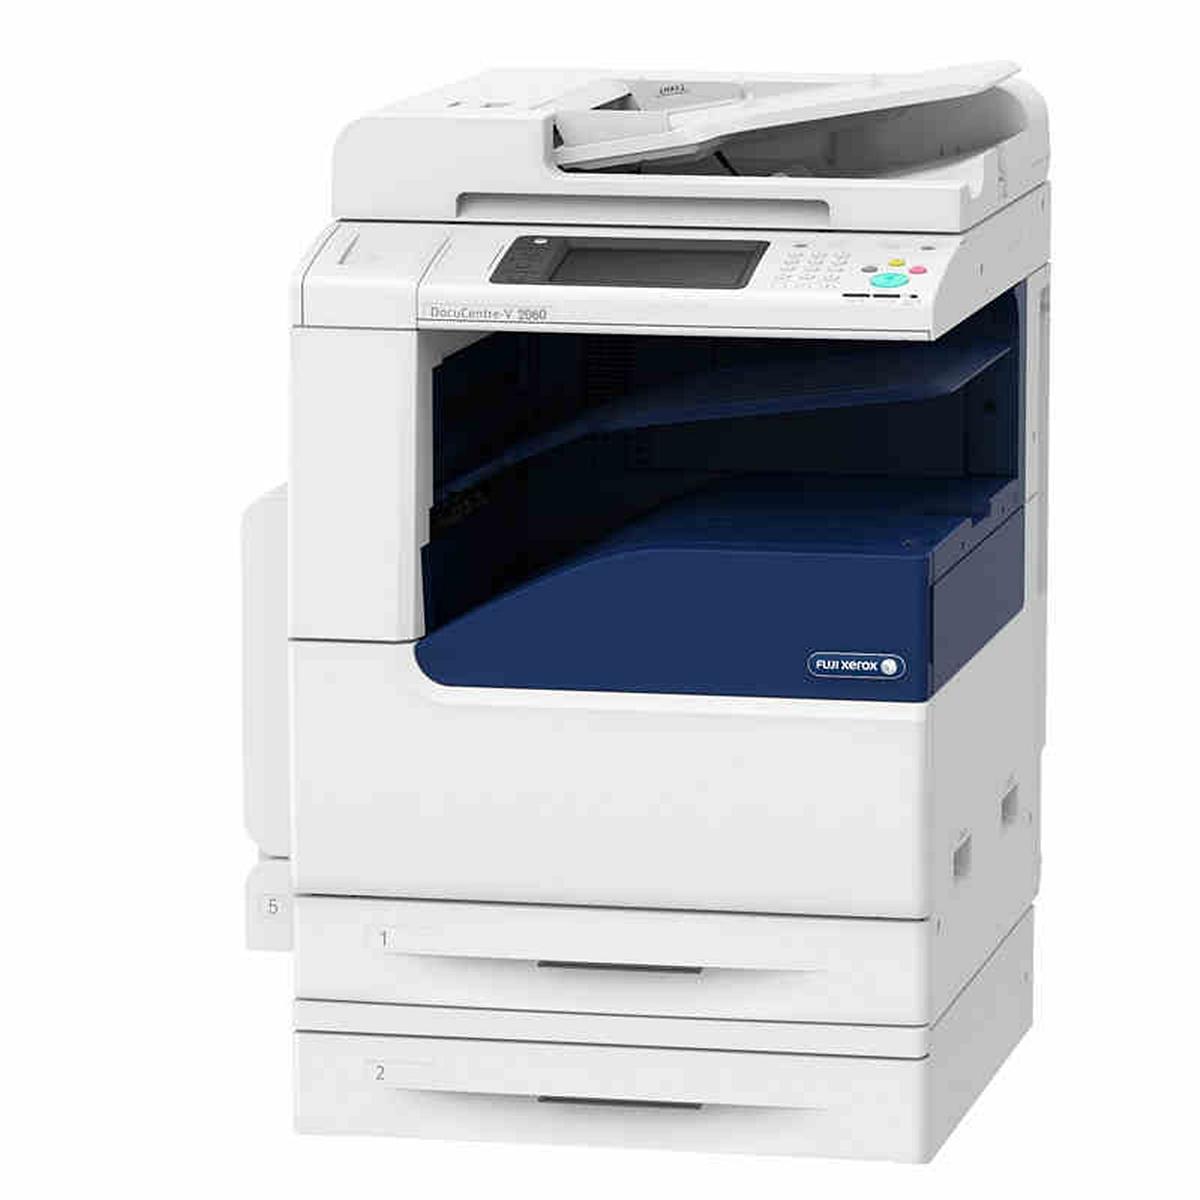 富士施乐 DC-V 2060 CPS 2Tray黑白复印机标配(双面输稿器、双面器、二纸盒)(单位:台)